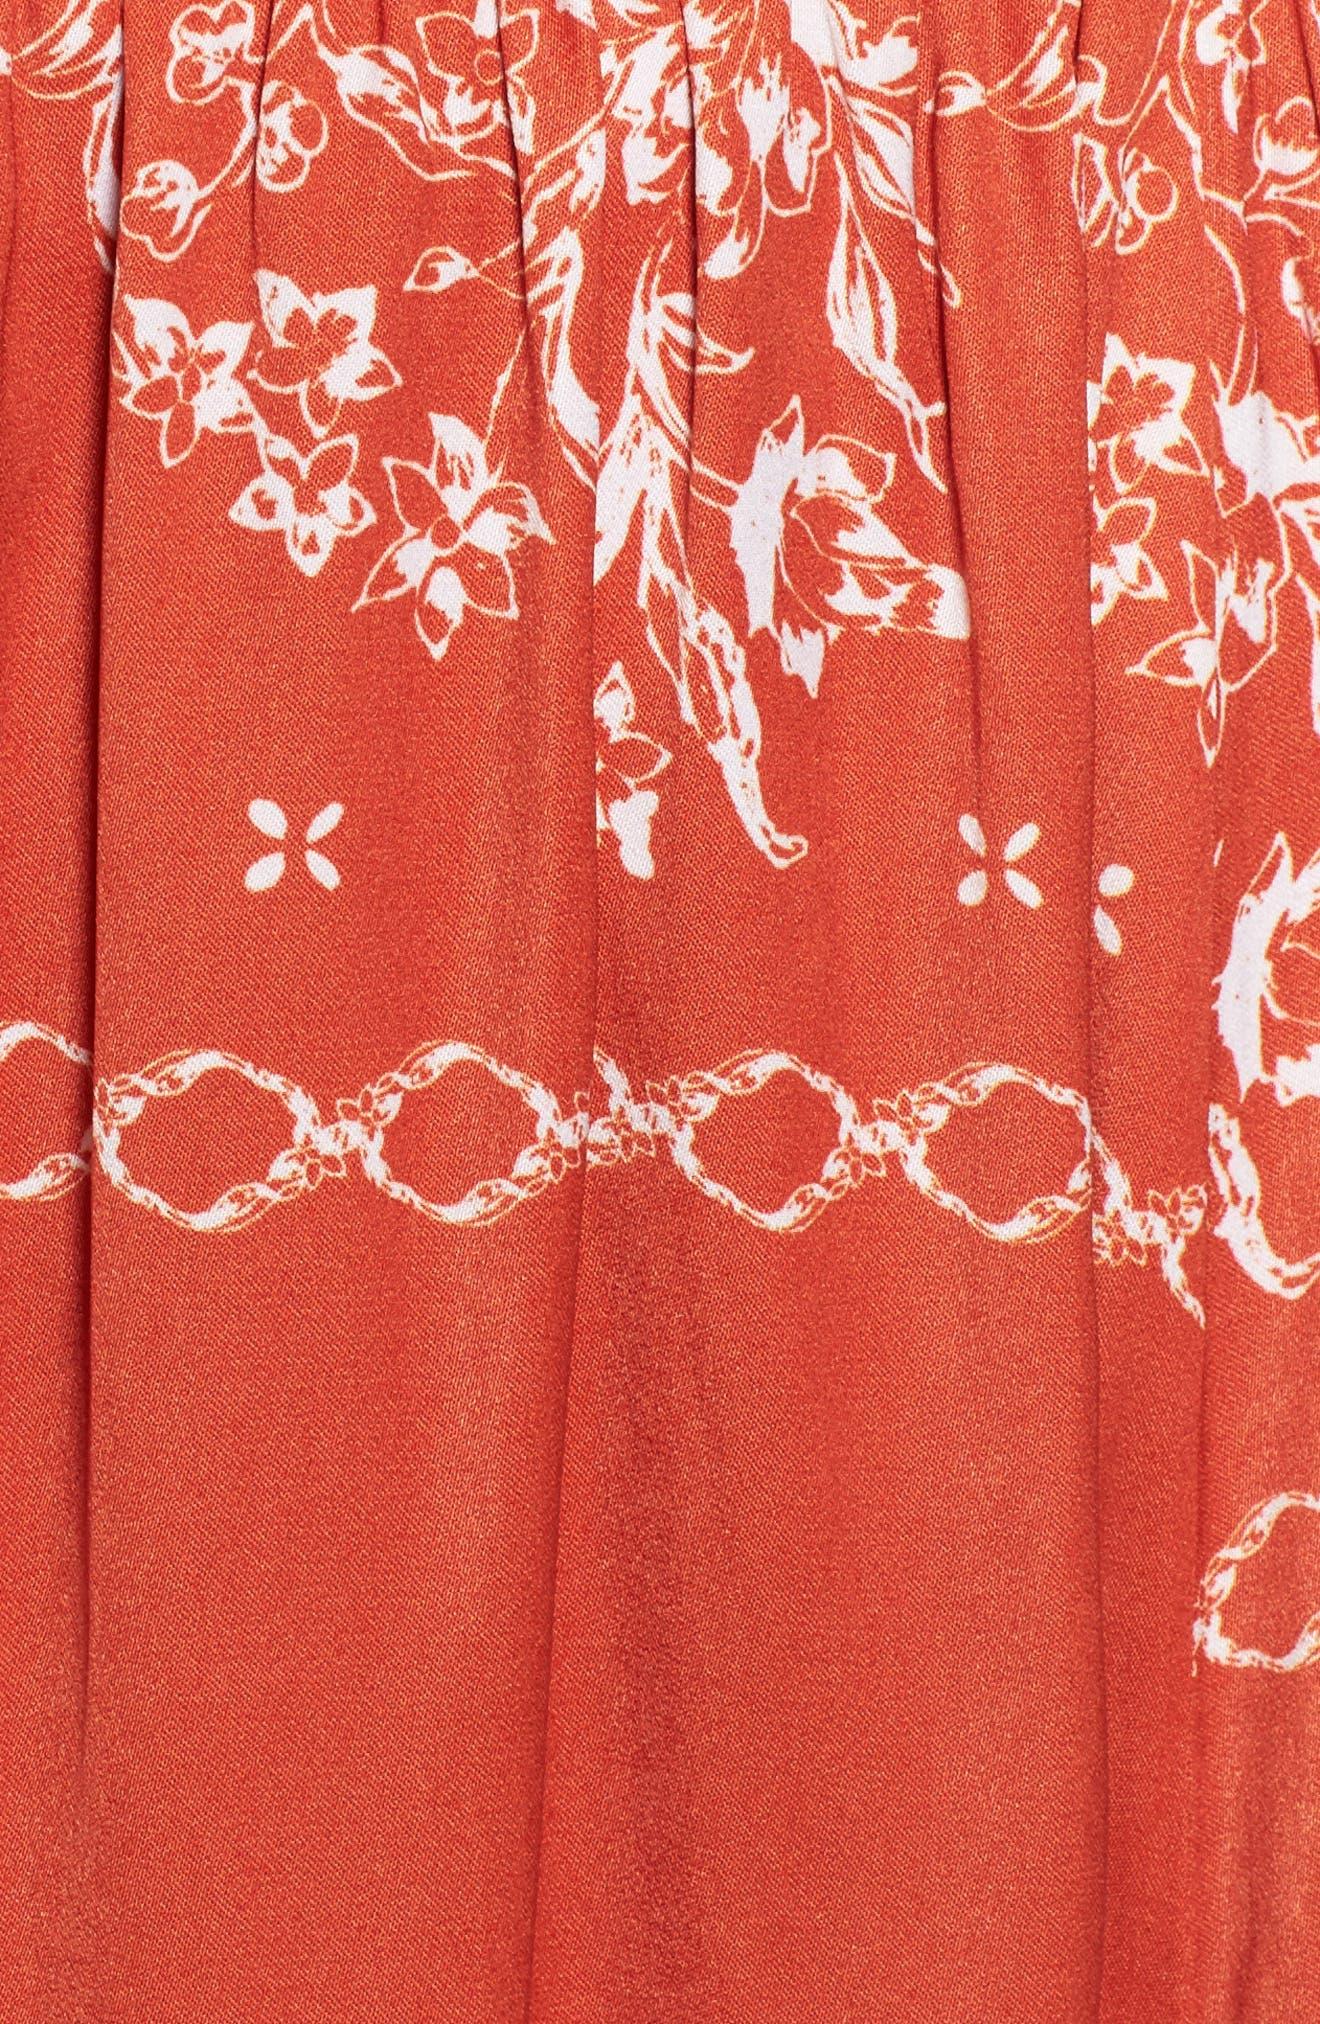 Jacqui Floral Print Cold Shoulder Dress,                             Alternate thumbnail 5, color,                             600